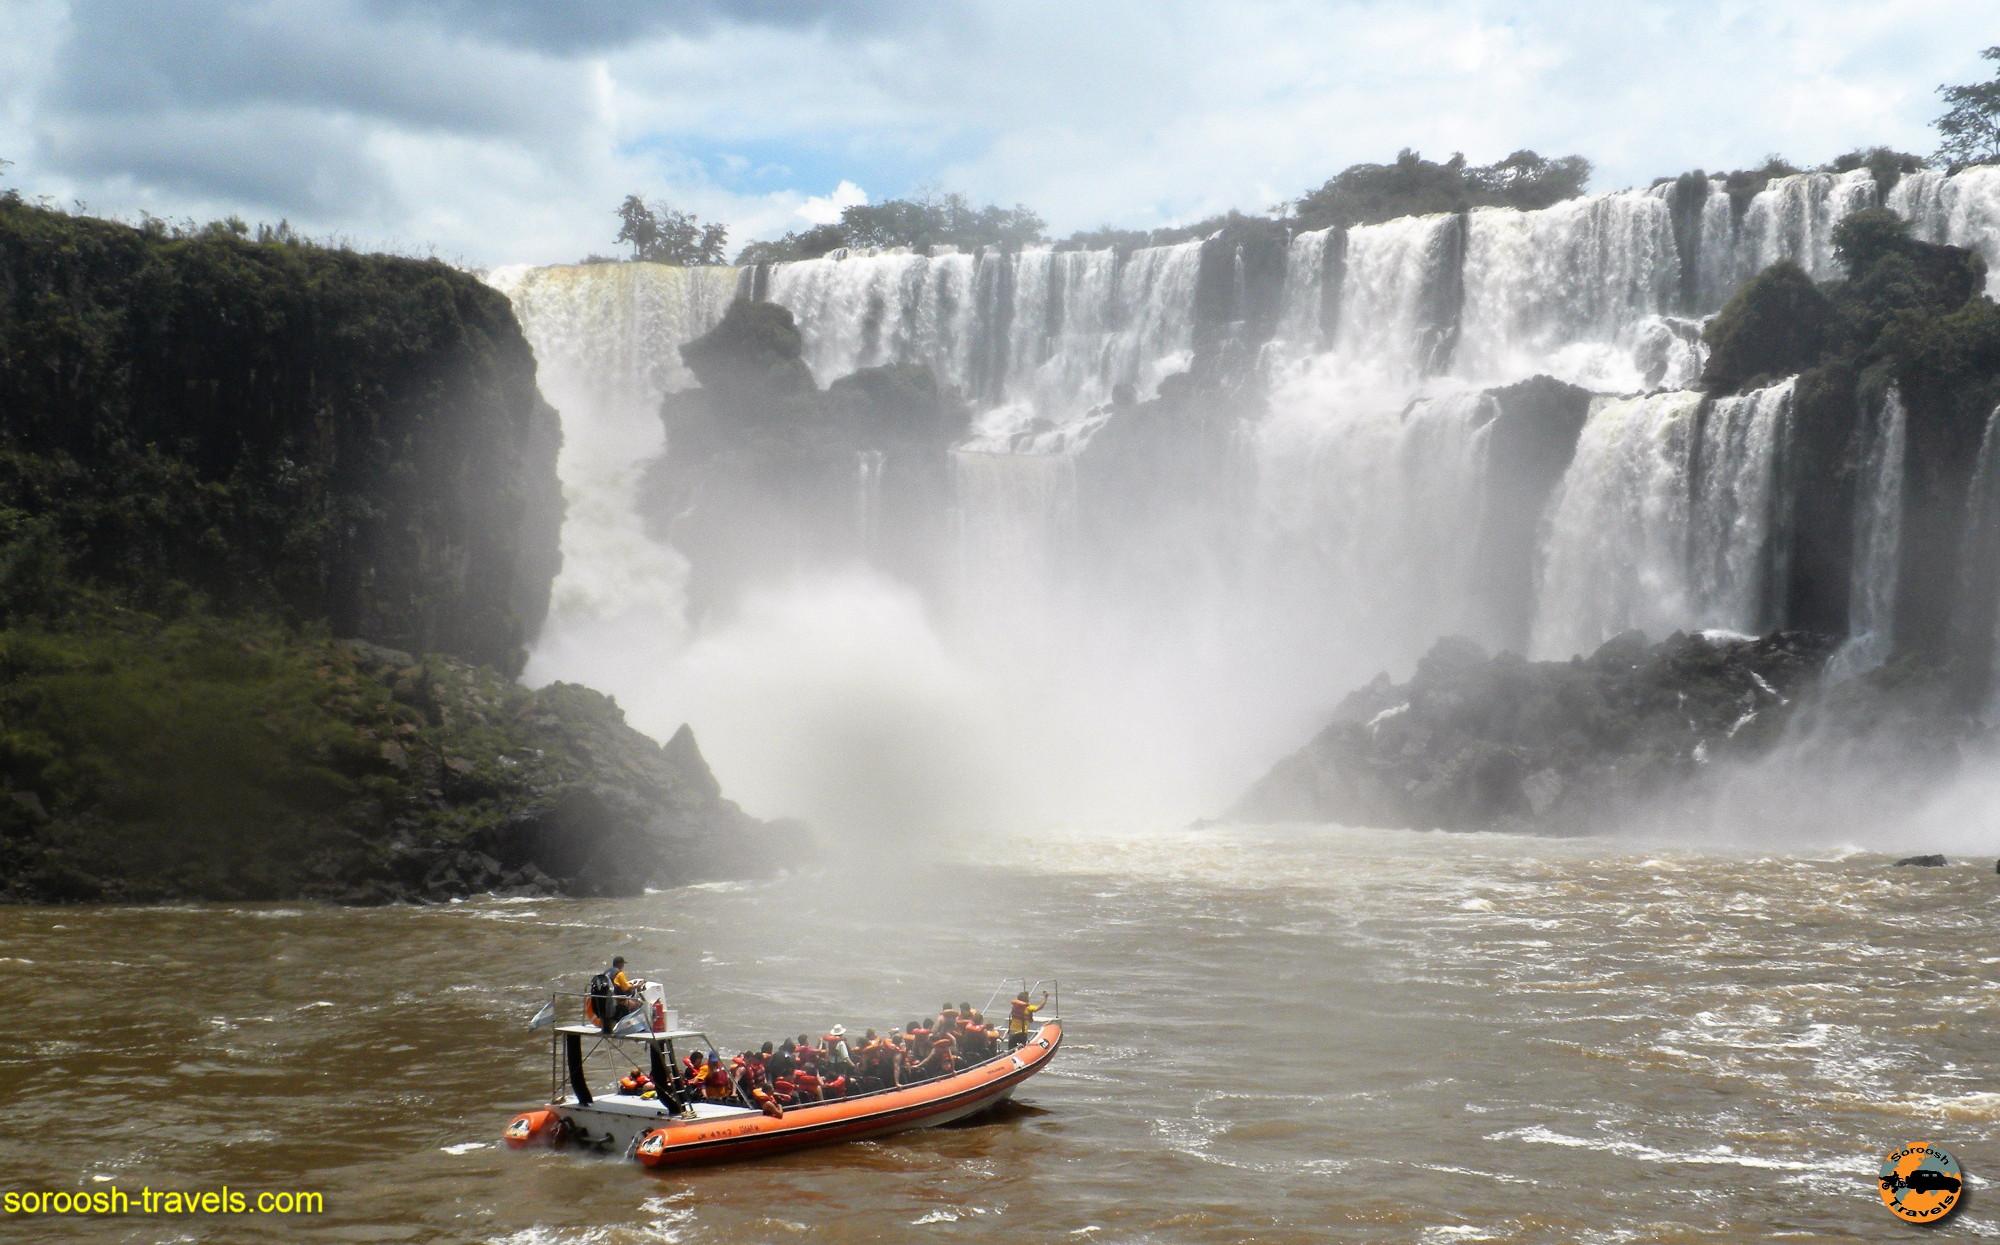 سفر به آرژانتین – آبشارهای بسیار زیبای ایگوازو – سوم دیماه ۱۳۸۹